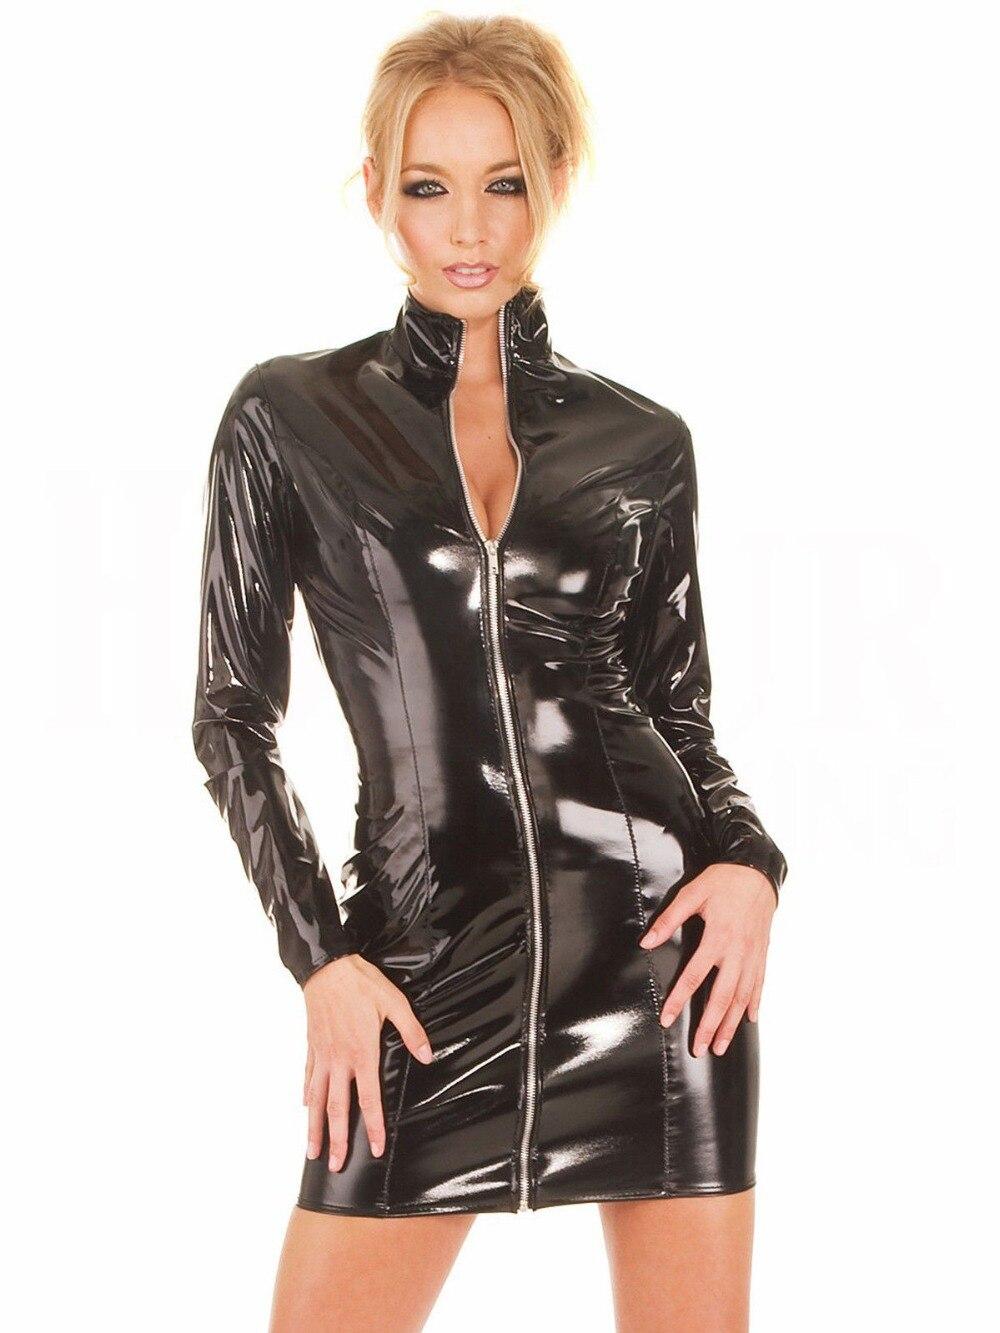 втроем очень обтягивающая женская кожаная одежда помощь